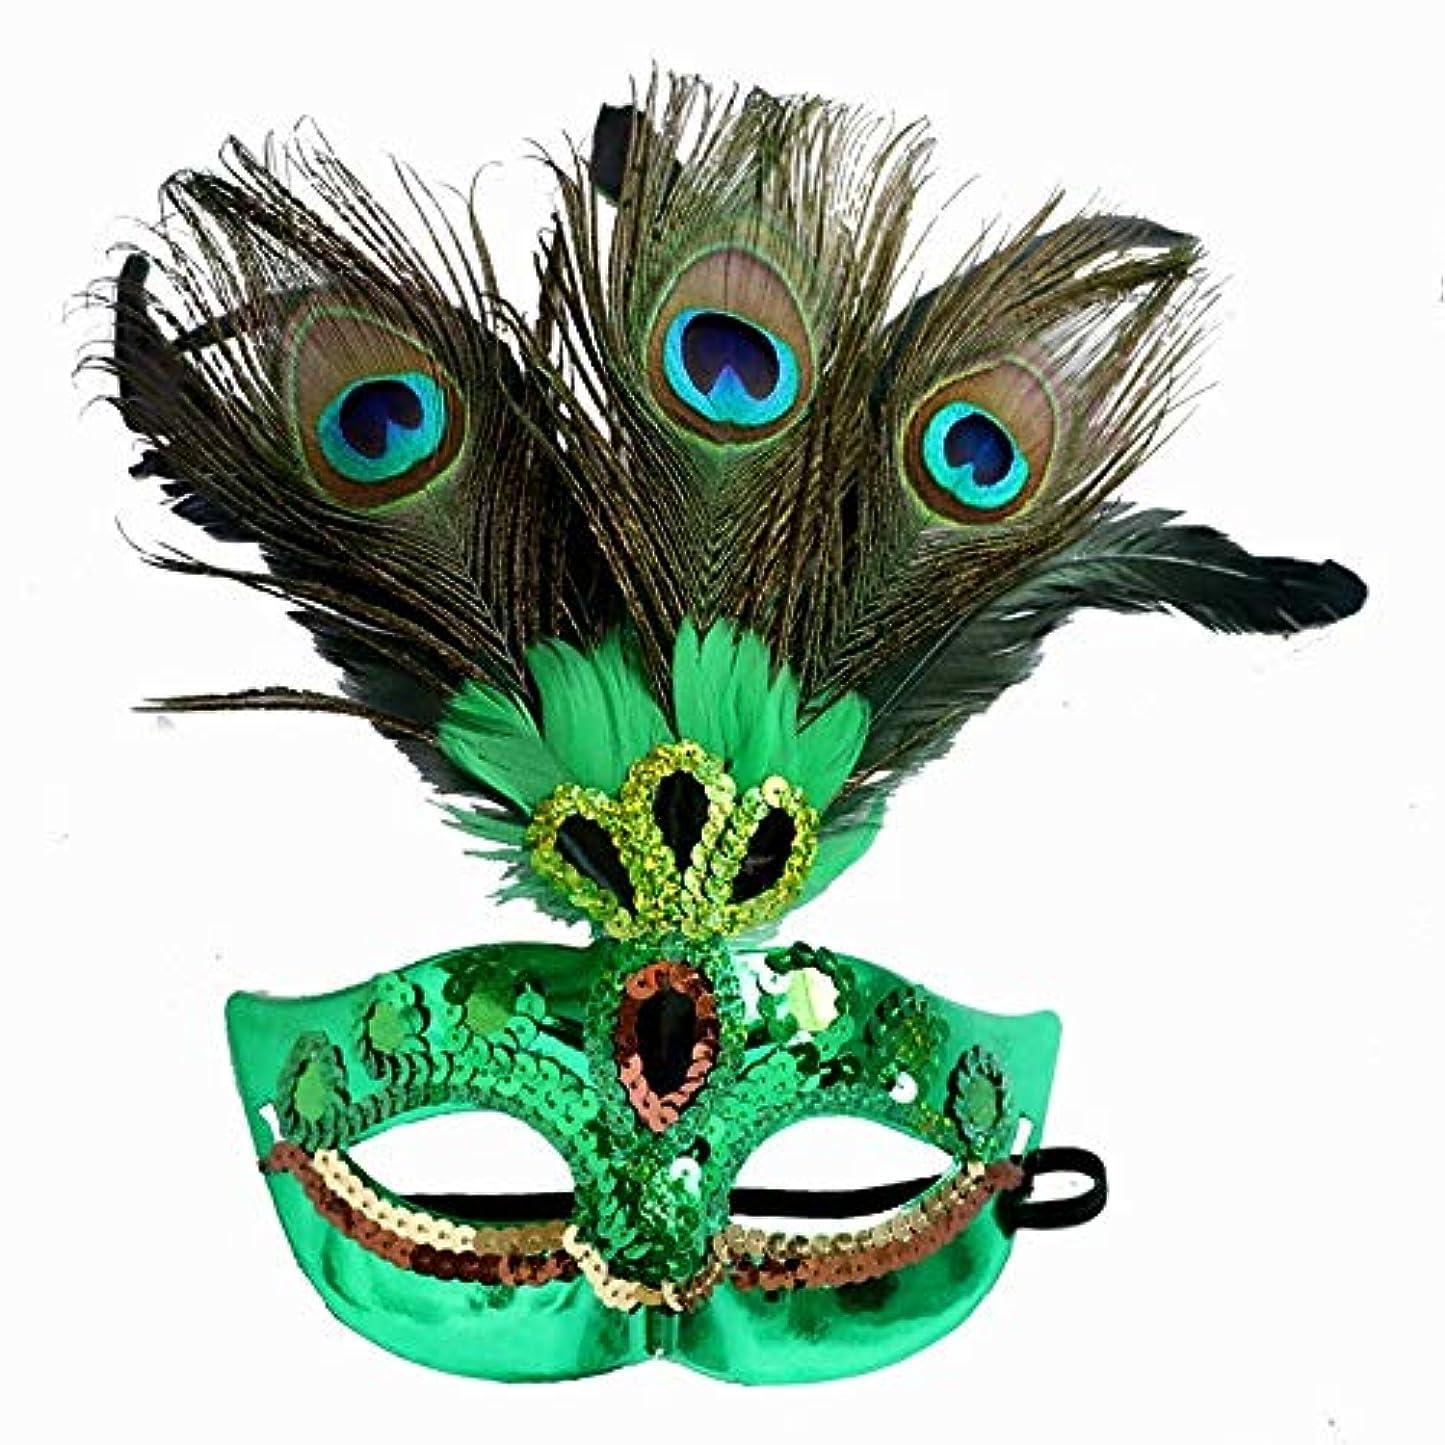 感心するシーフードメンテナンスダンスマスク 仮面舞踏会マスククジャクの羽パーティー衣装ハロウィンマスクボール目猫女性マスクハーフマスク パーティーボールマスク (色 : 緑, サイズ : 18x25cm)